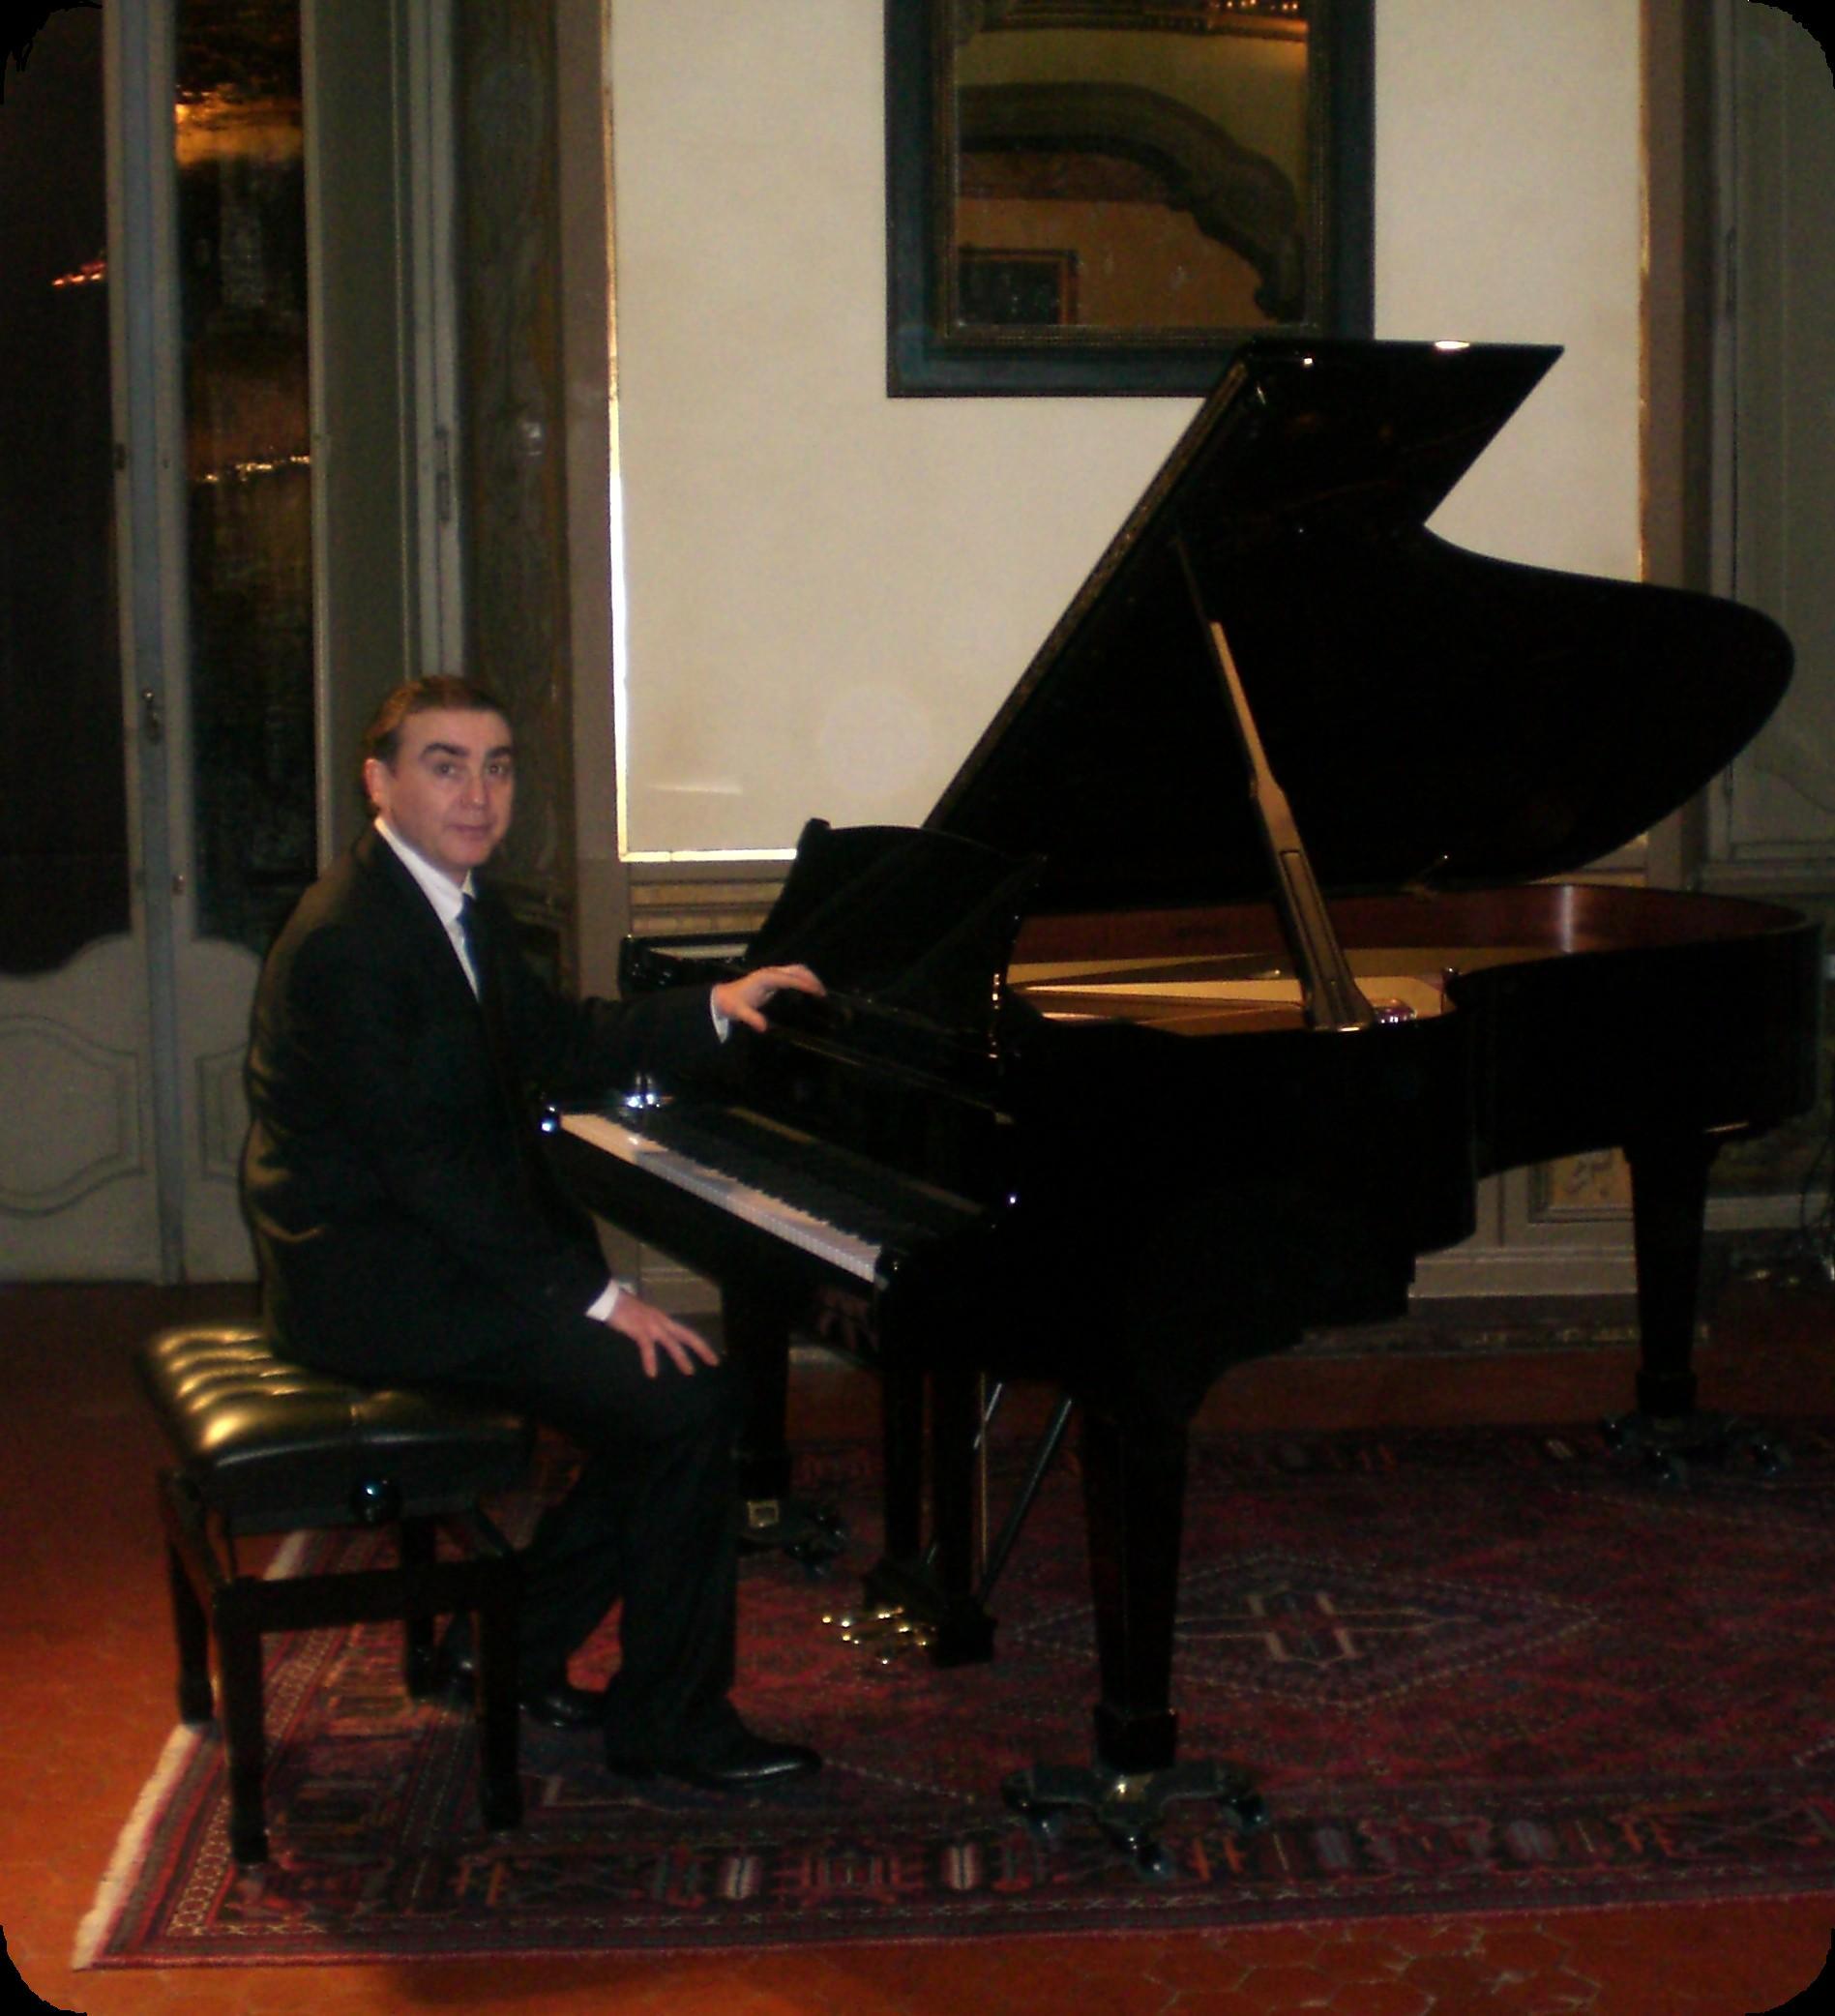 Daniele Mezzatesta - Pianista ed Accordatore di Pianoforti